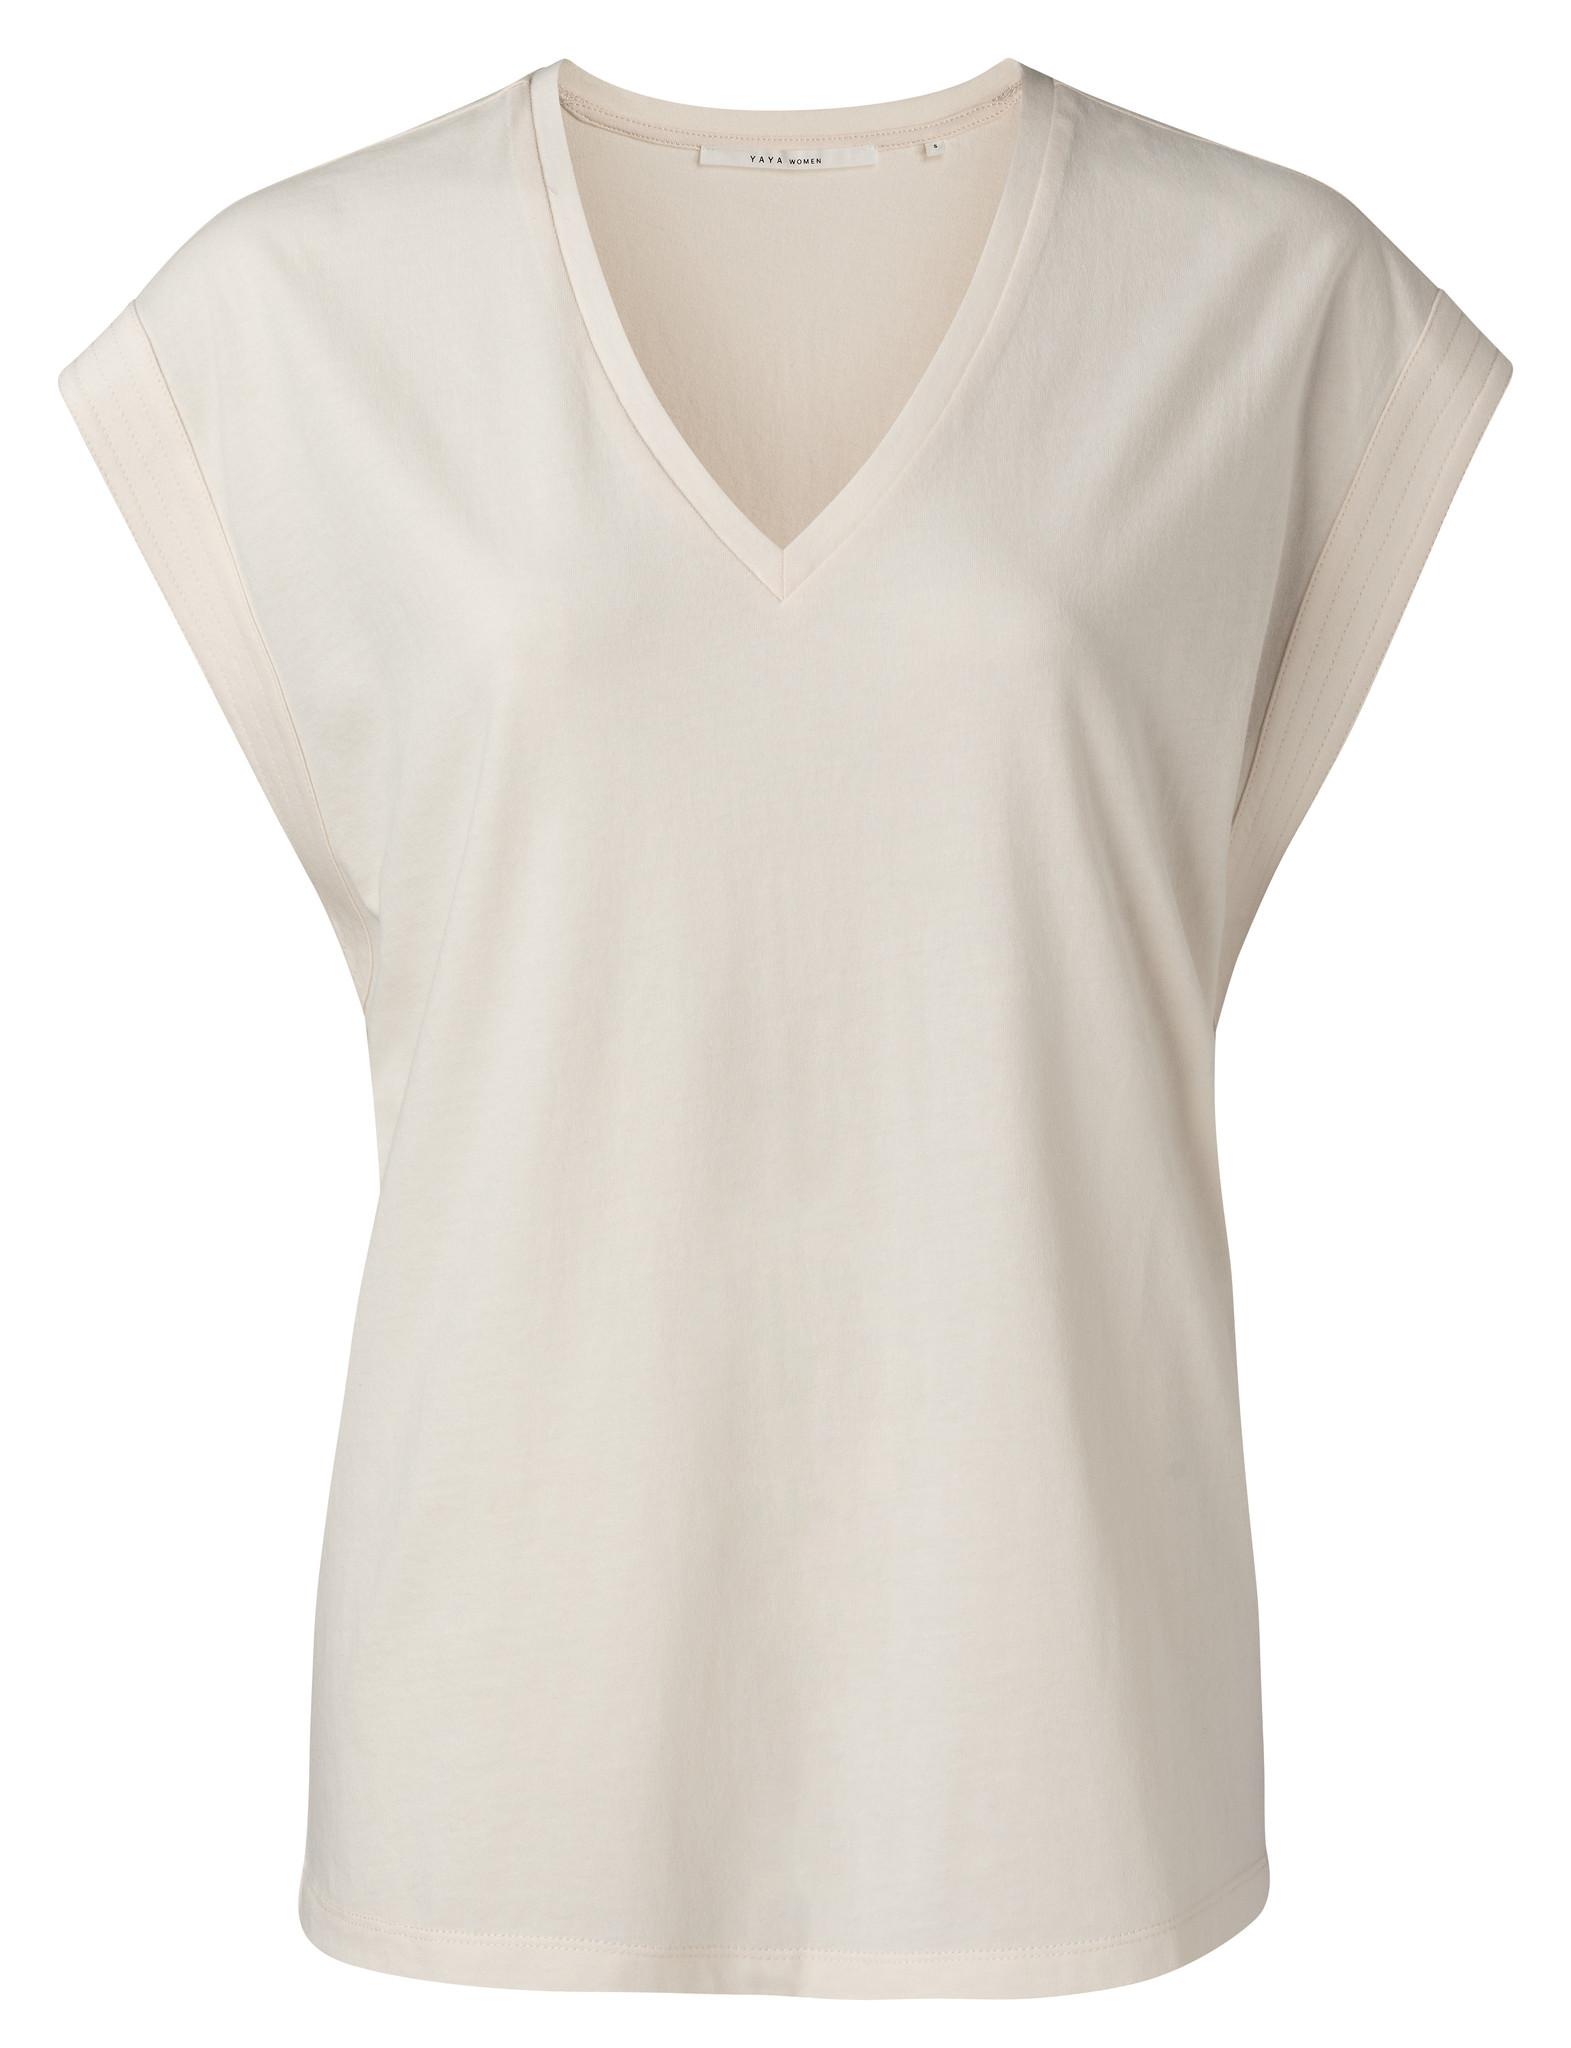 yaya V-neck top with stit 1909423-115-1